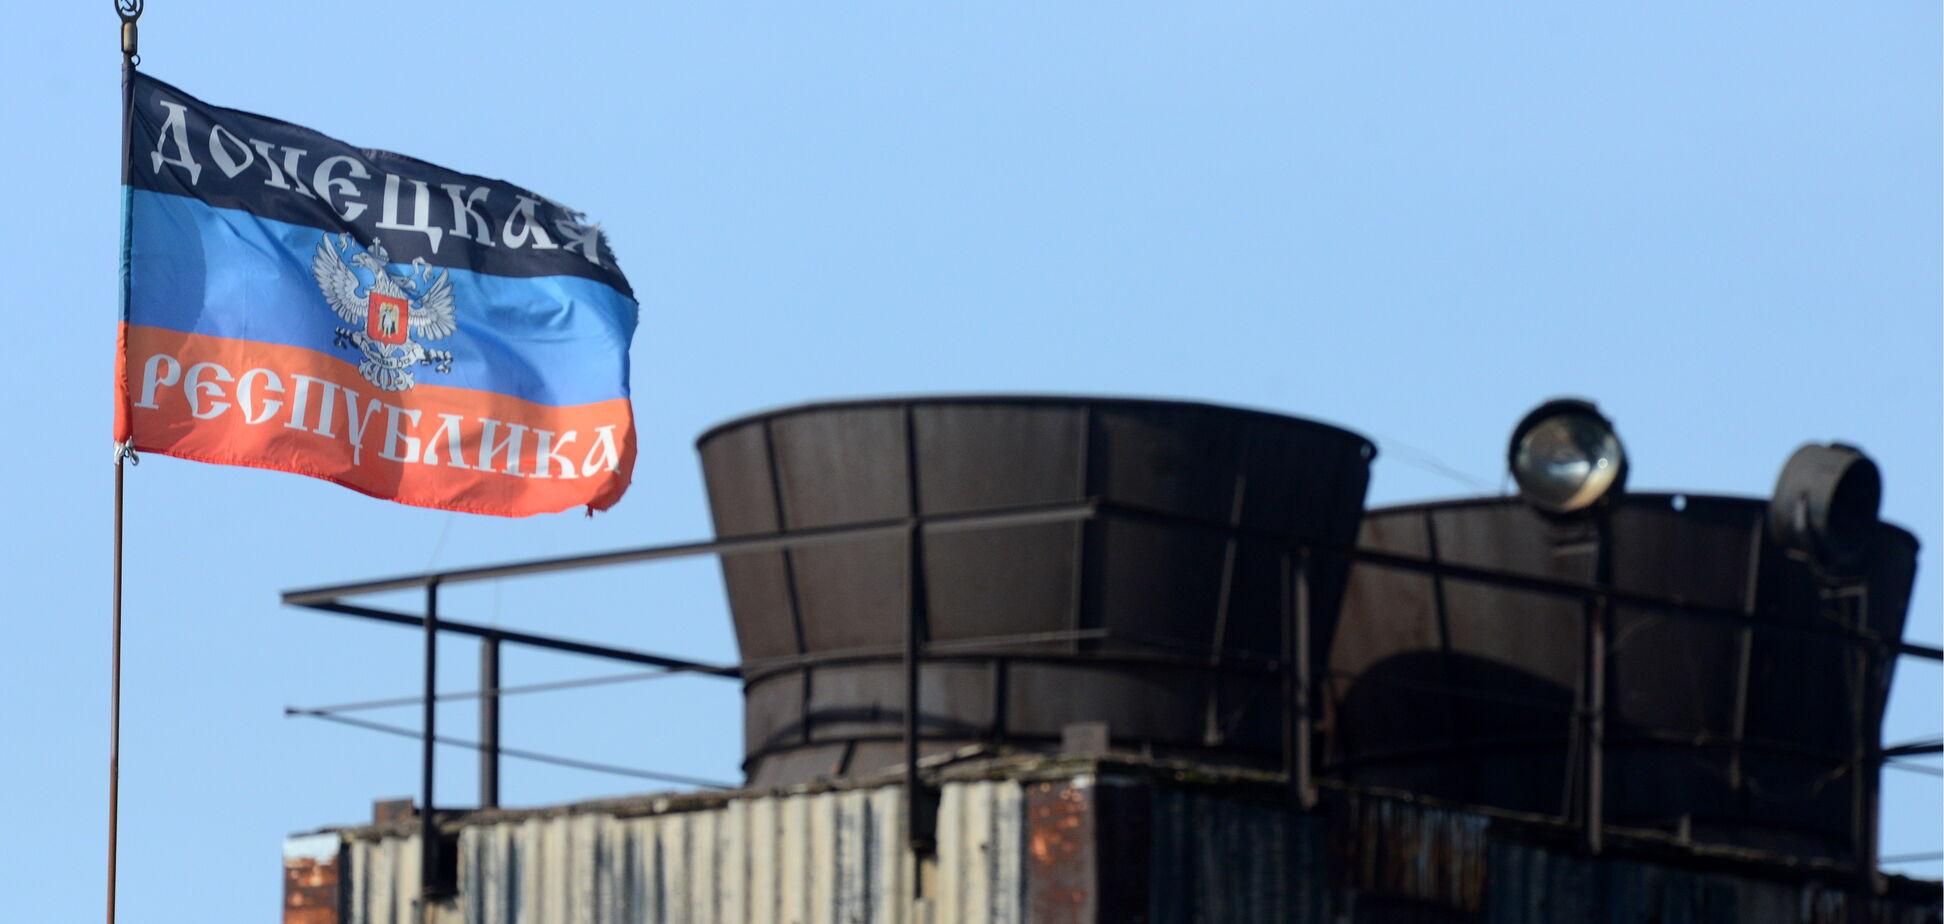 Польща закупила вугілля у 'Л/ДНР': Україна відреагувала